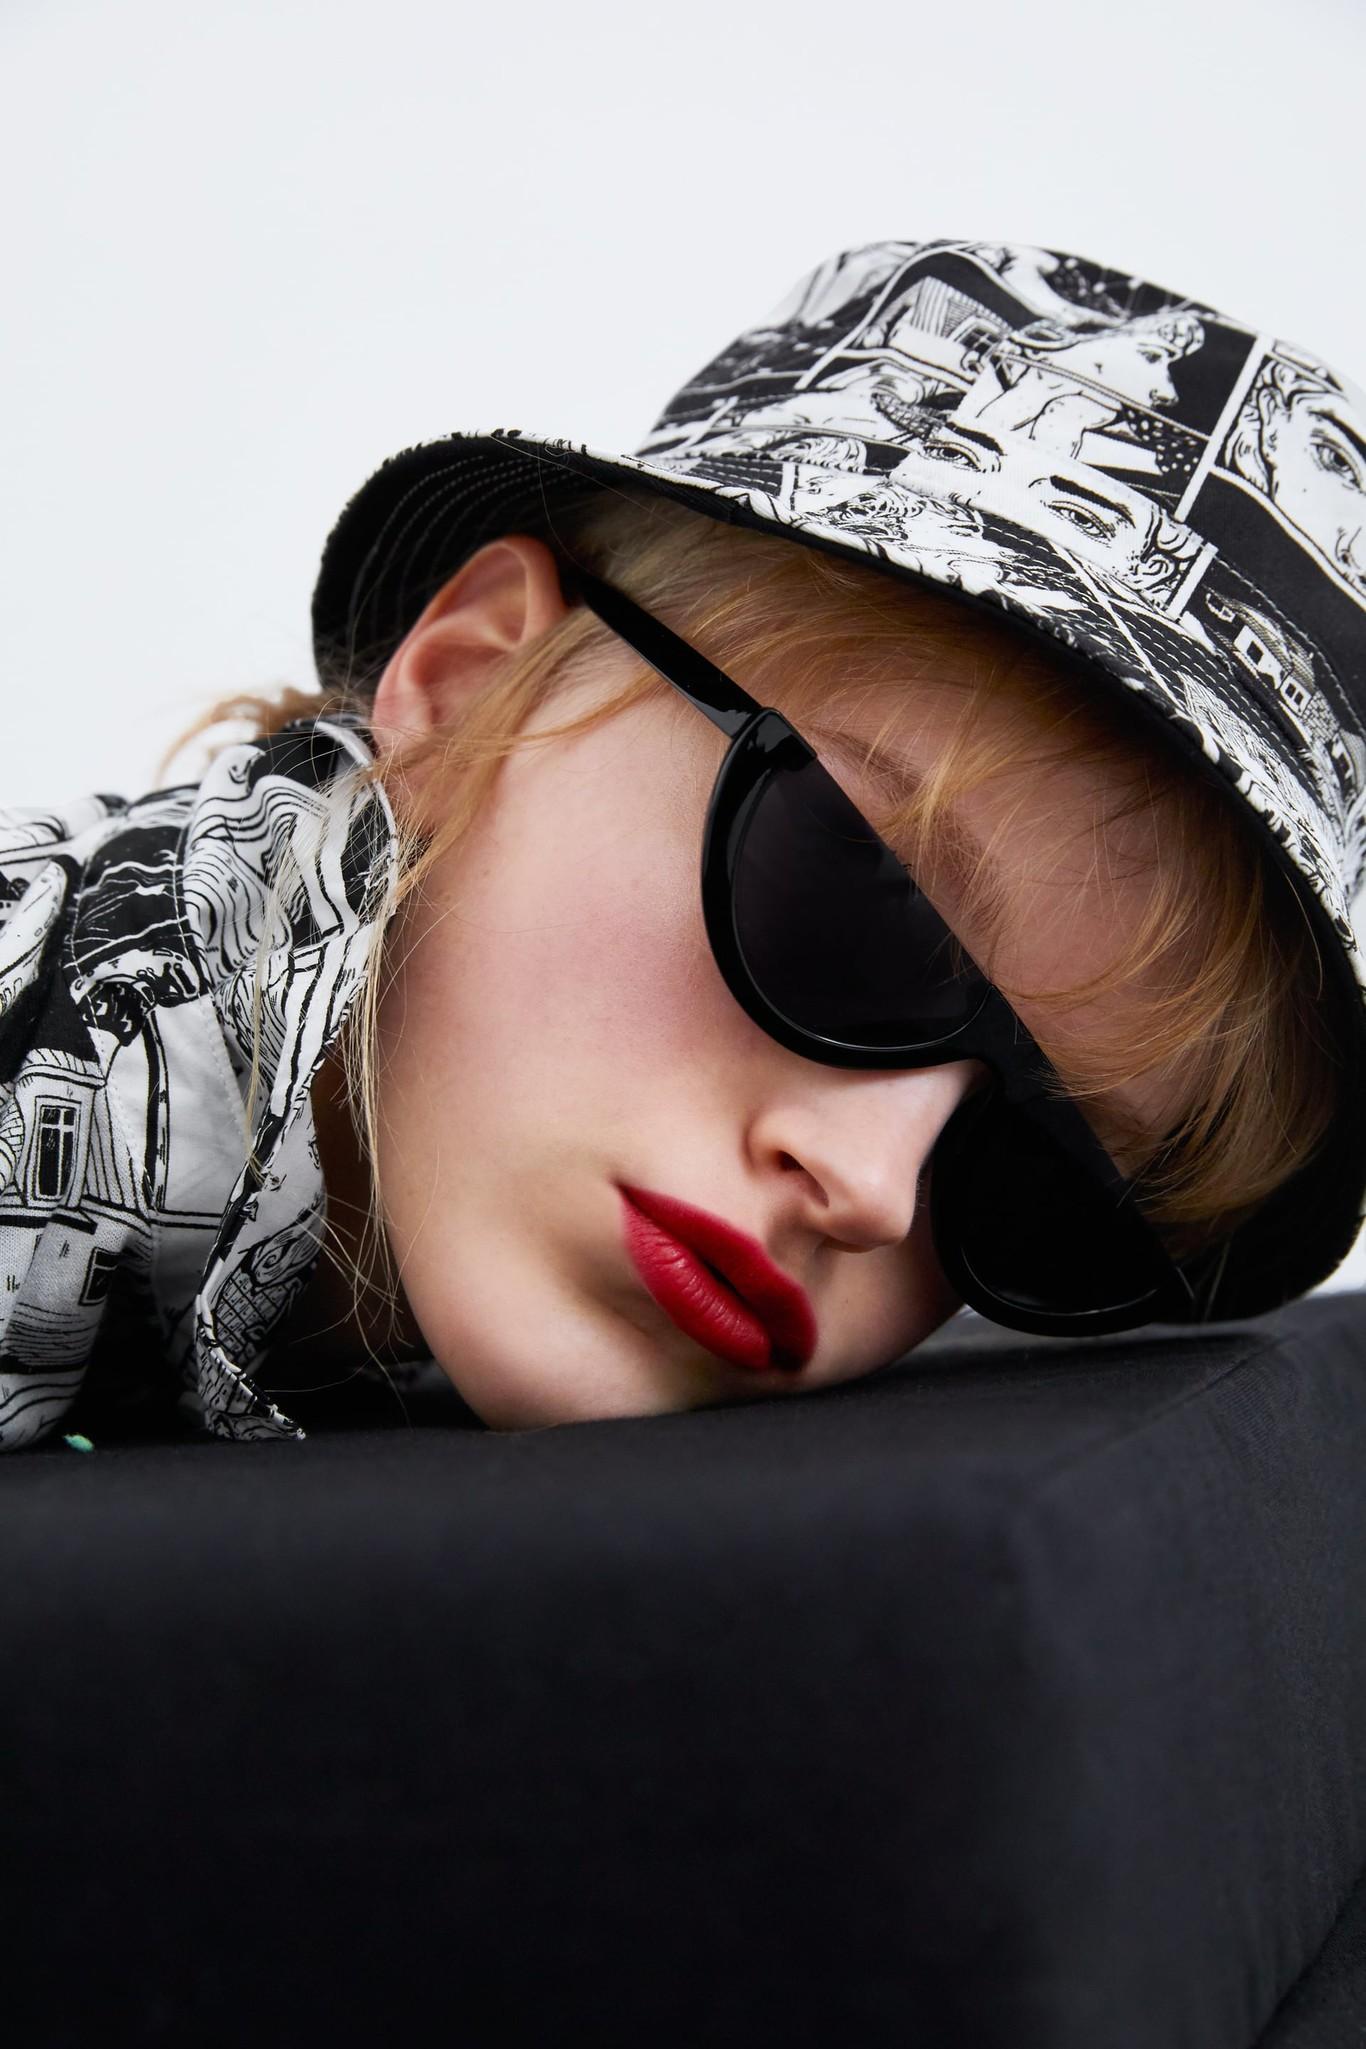 La última colección de Zara TRF es puro arte  tres mujeres artistas se  encargan de diseñarla bff019658074